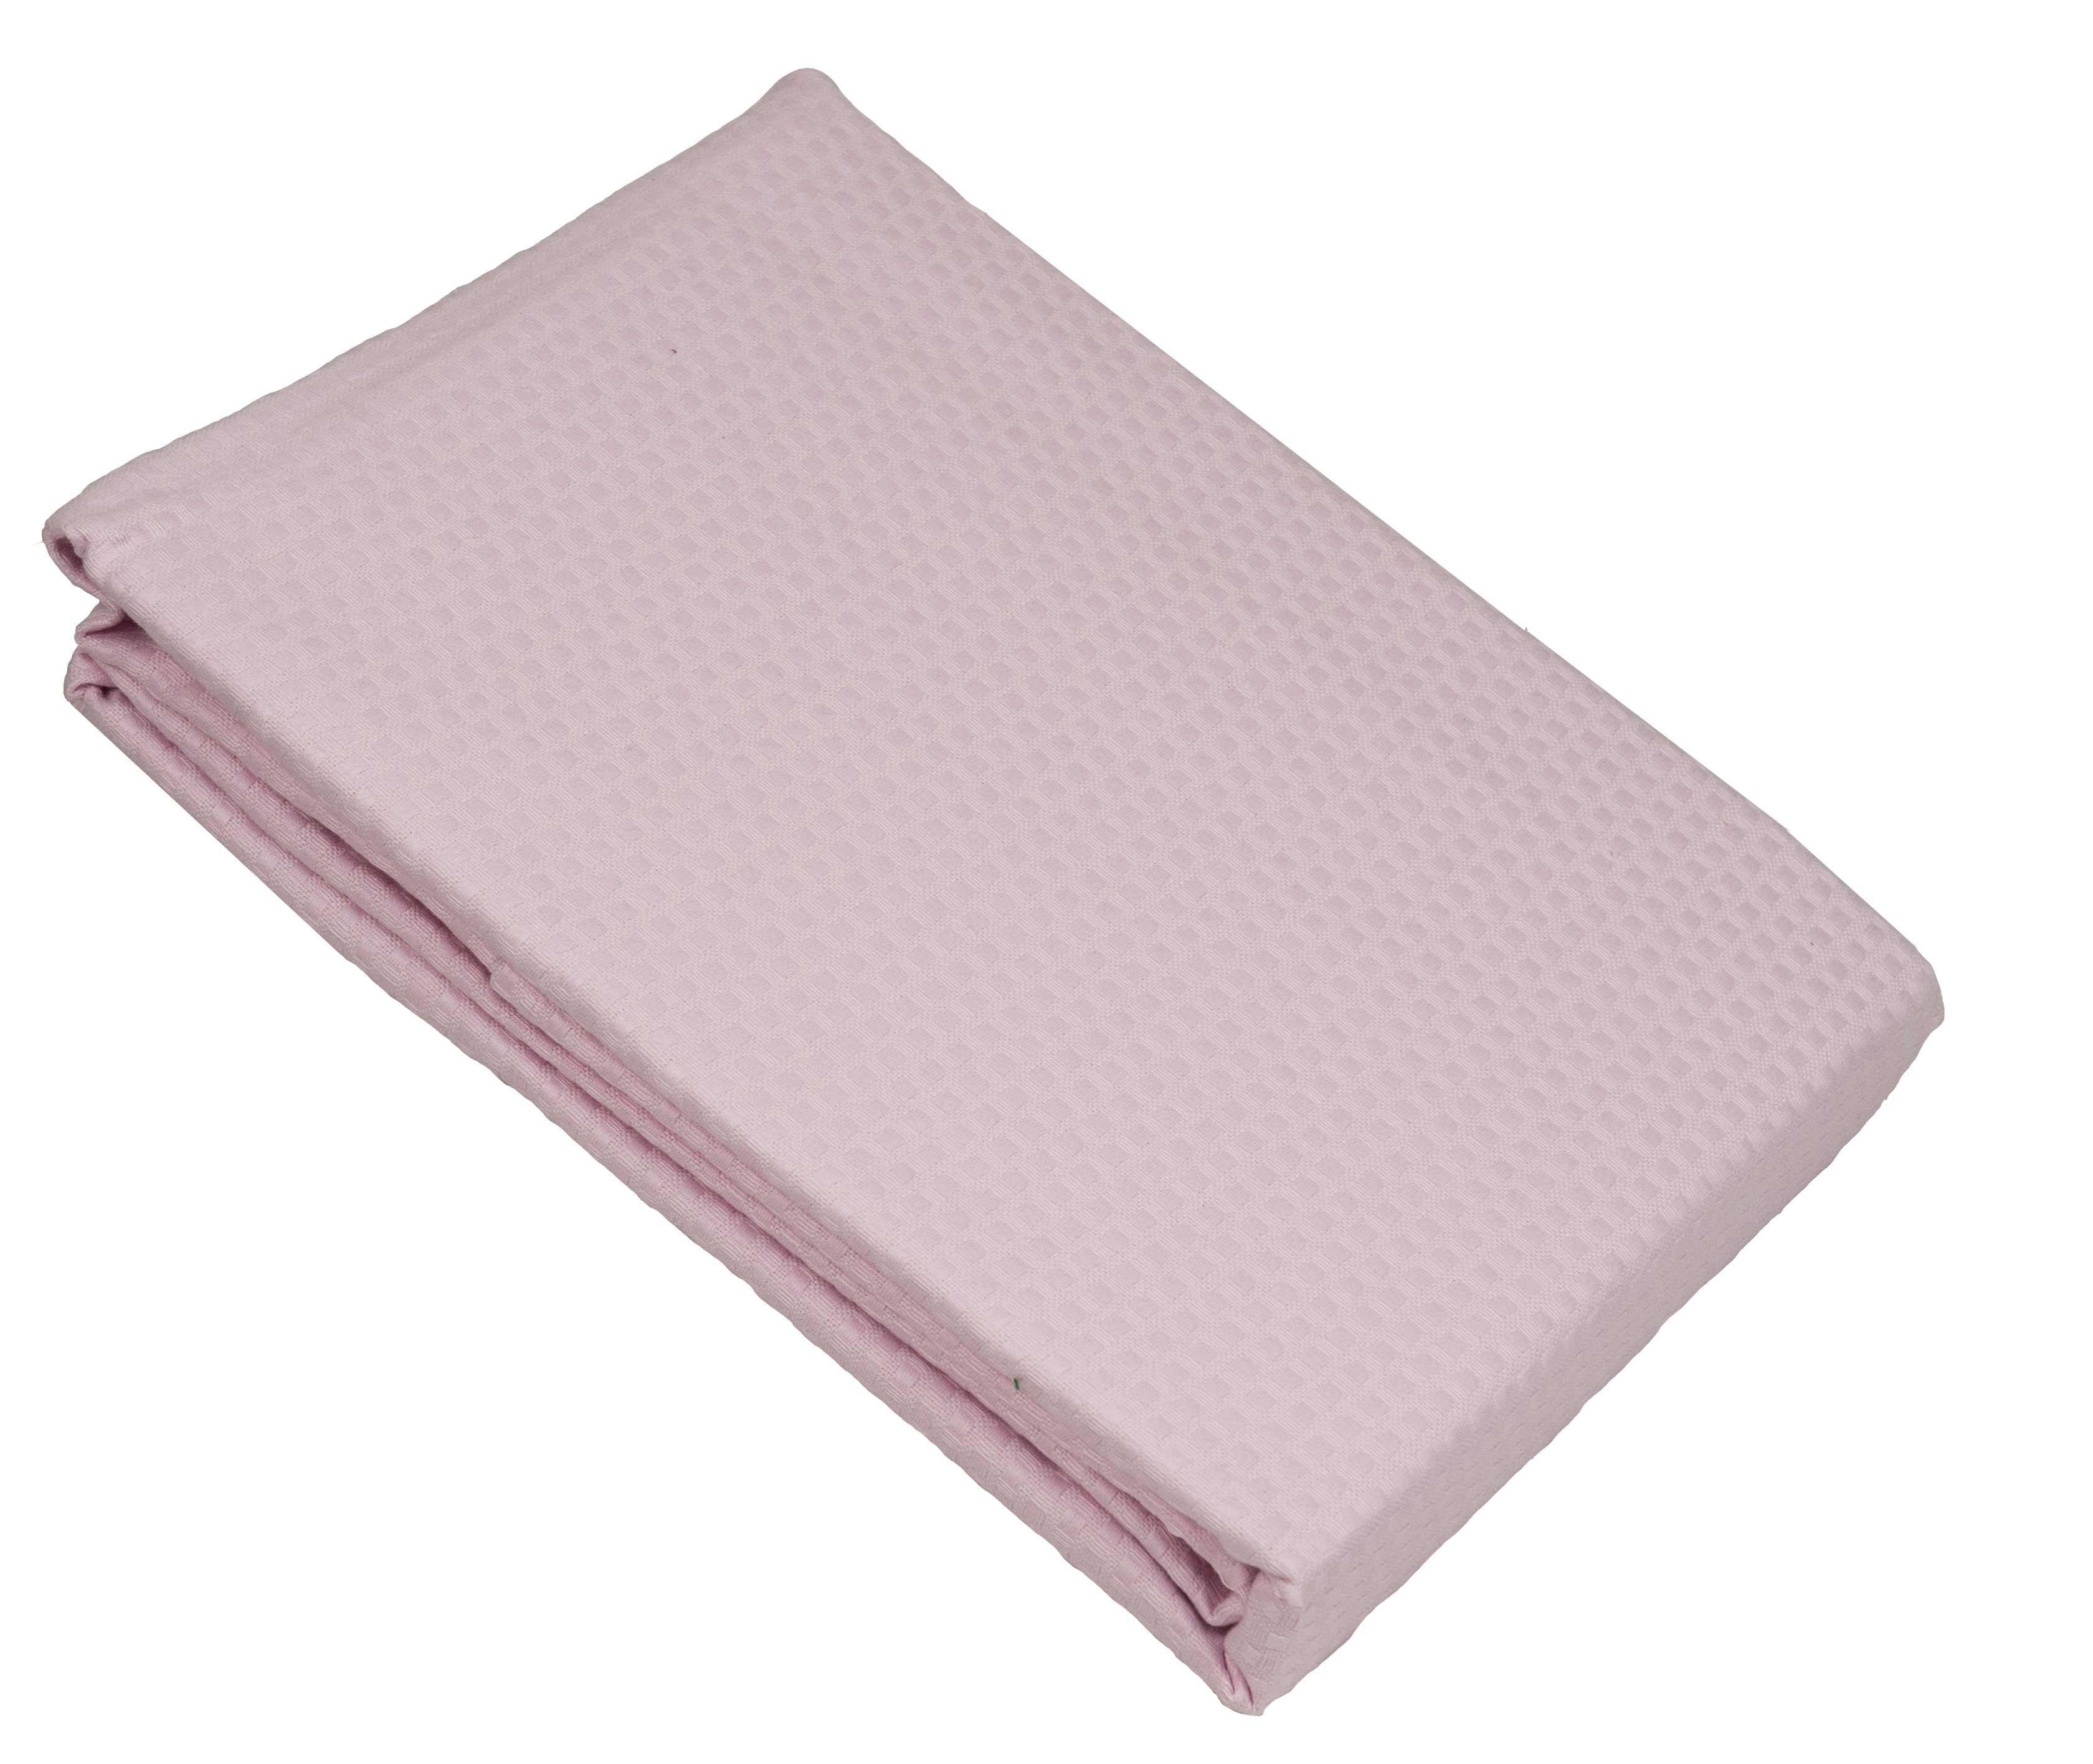 Ροζ κουβέρτα πικέ υπέρδιπλη sanforized 220Χ245 - 3256-2